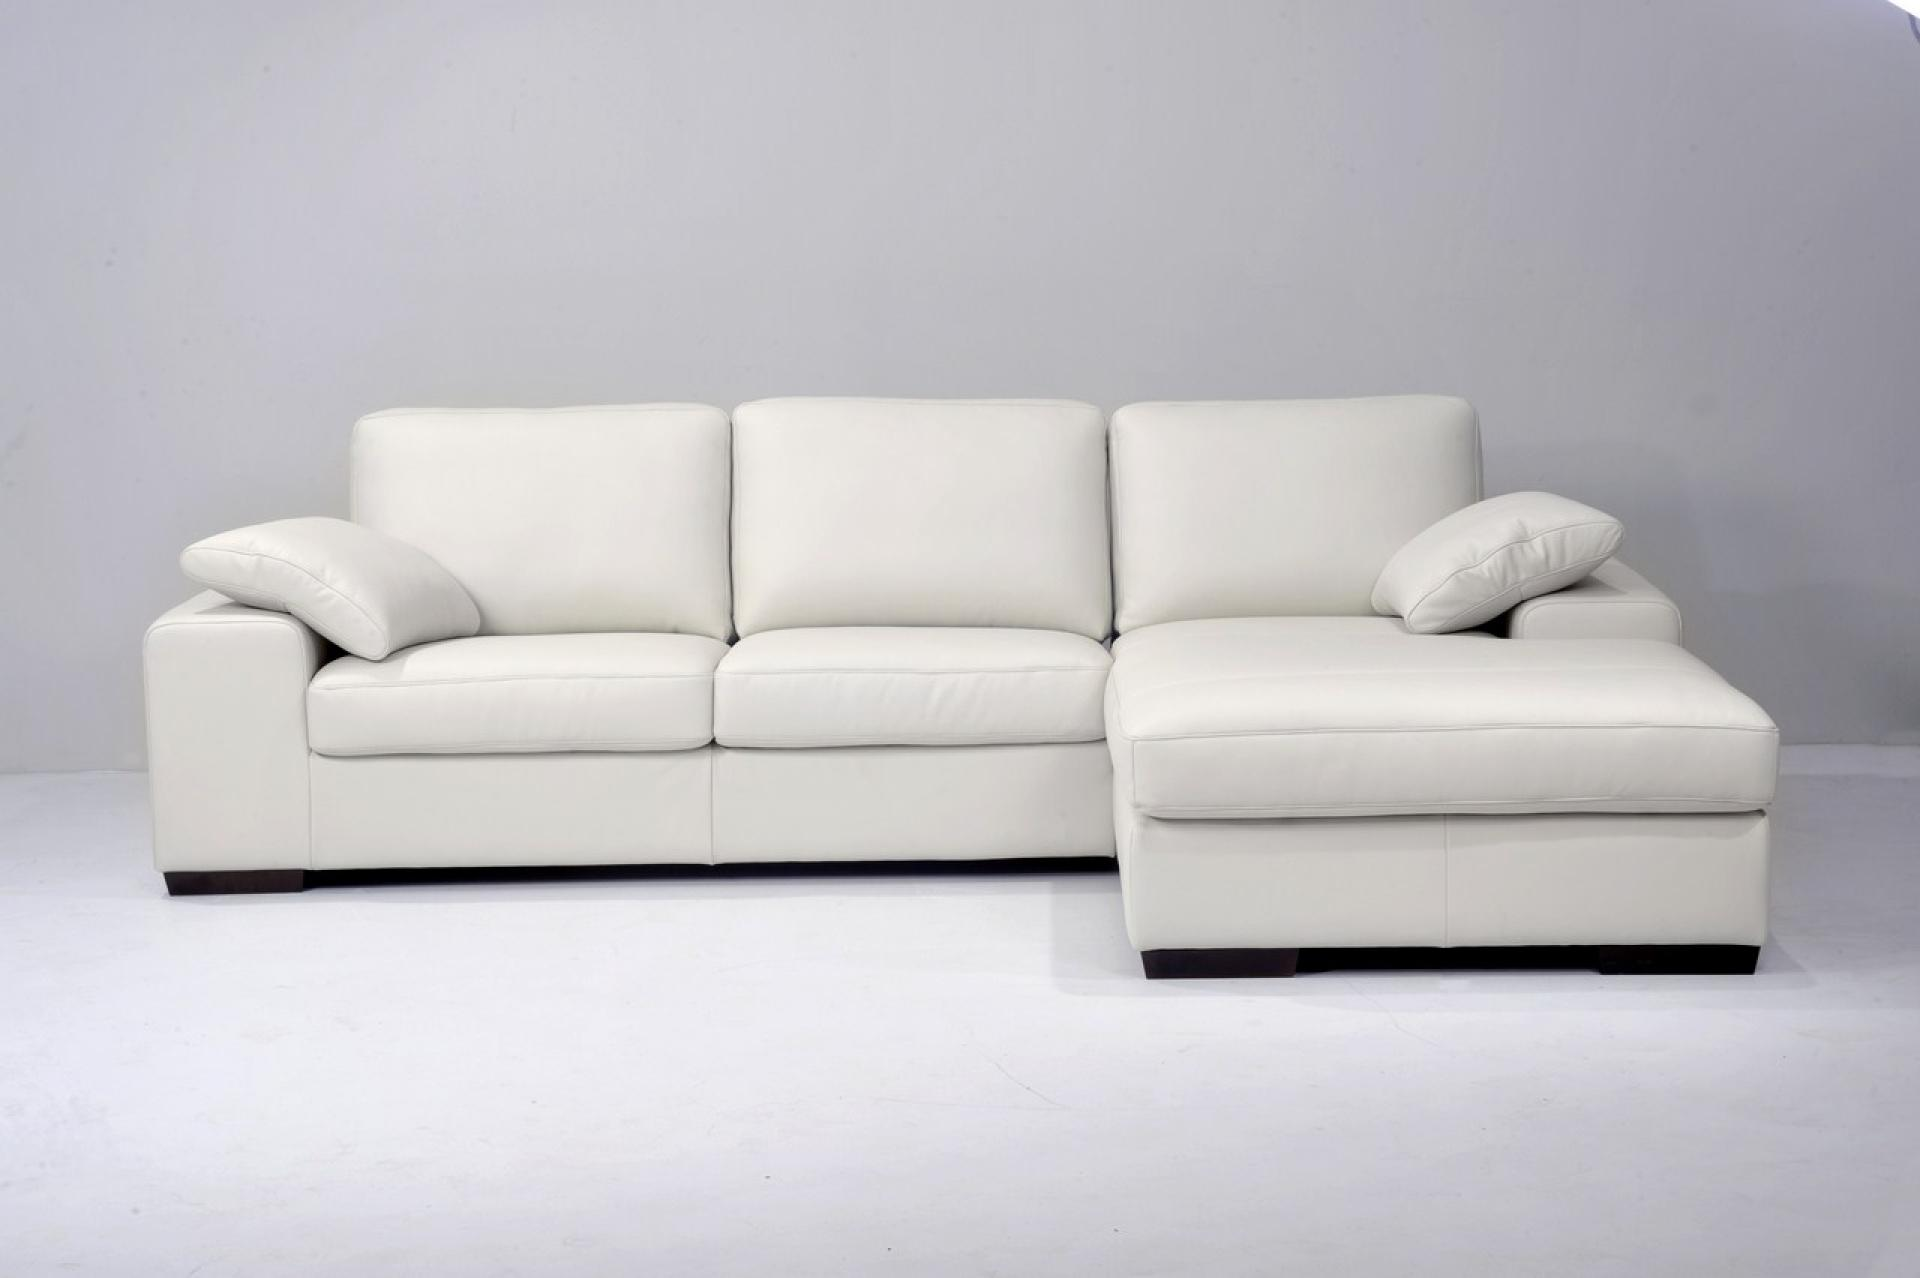 Photos Canap D Angle Cuir Blanc Ikea # Meuble D'Angle Ikea Blanc